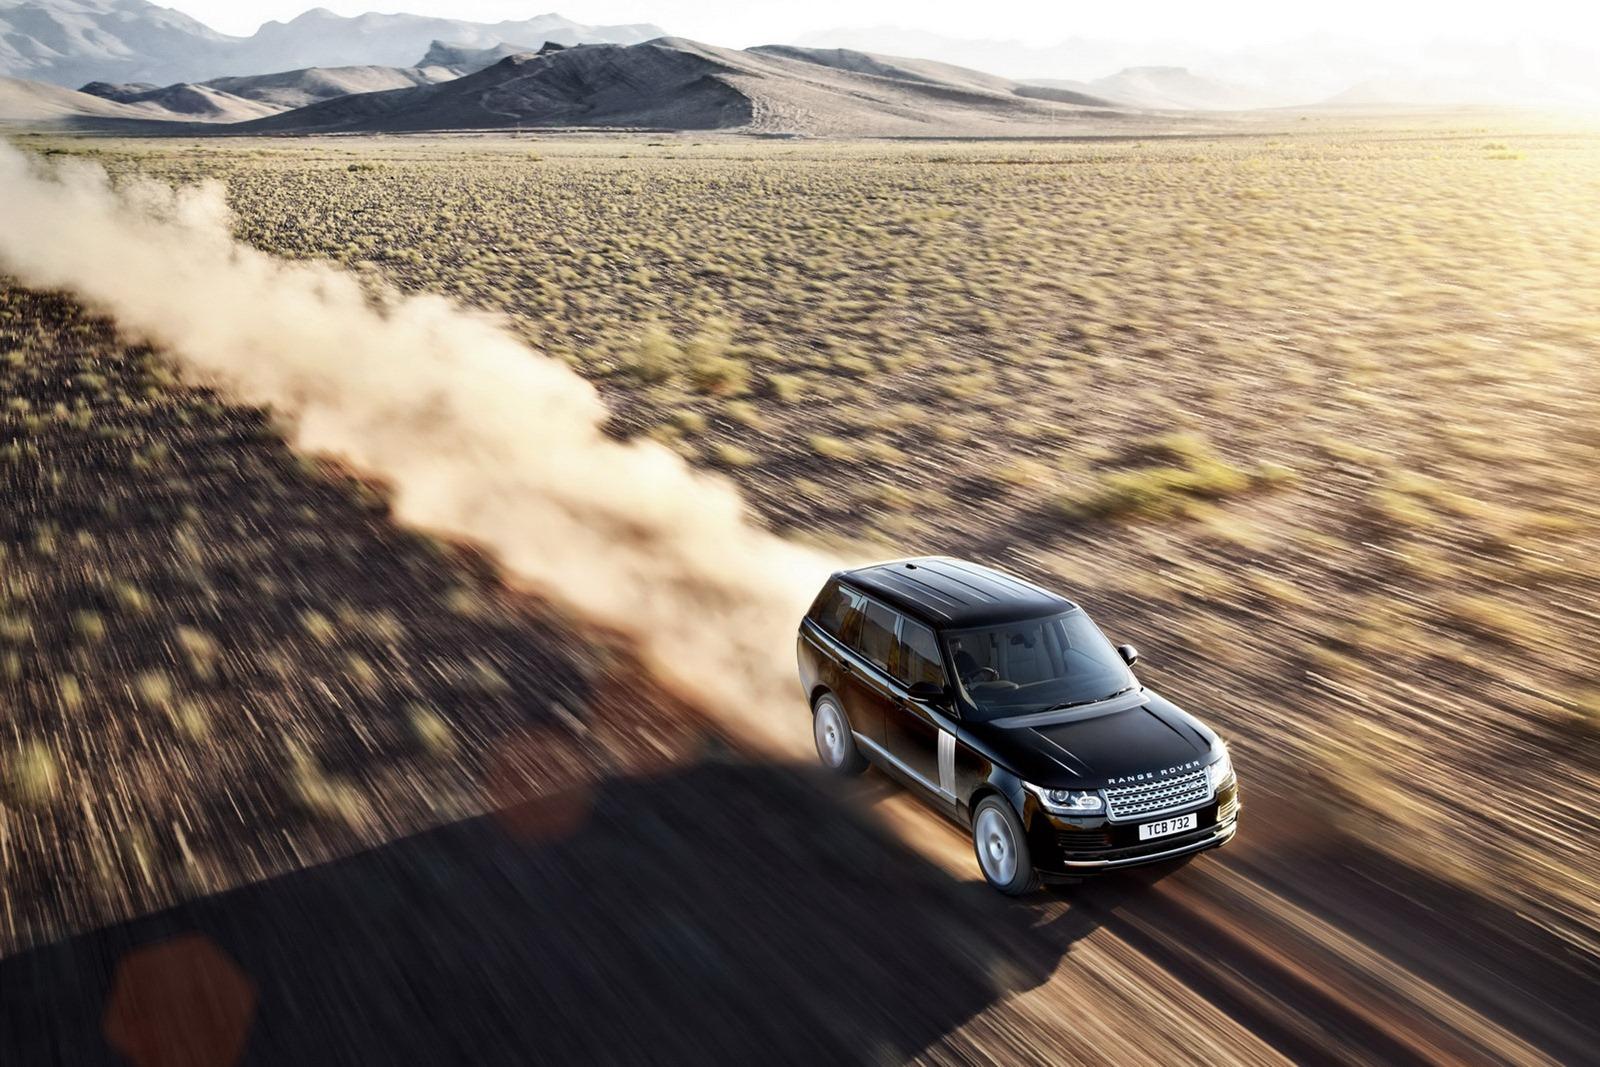 2013-Range-Rover-47%25255B2%25255D.jpg